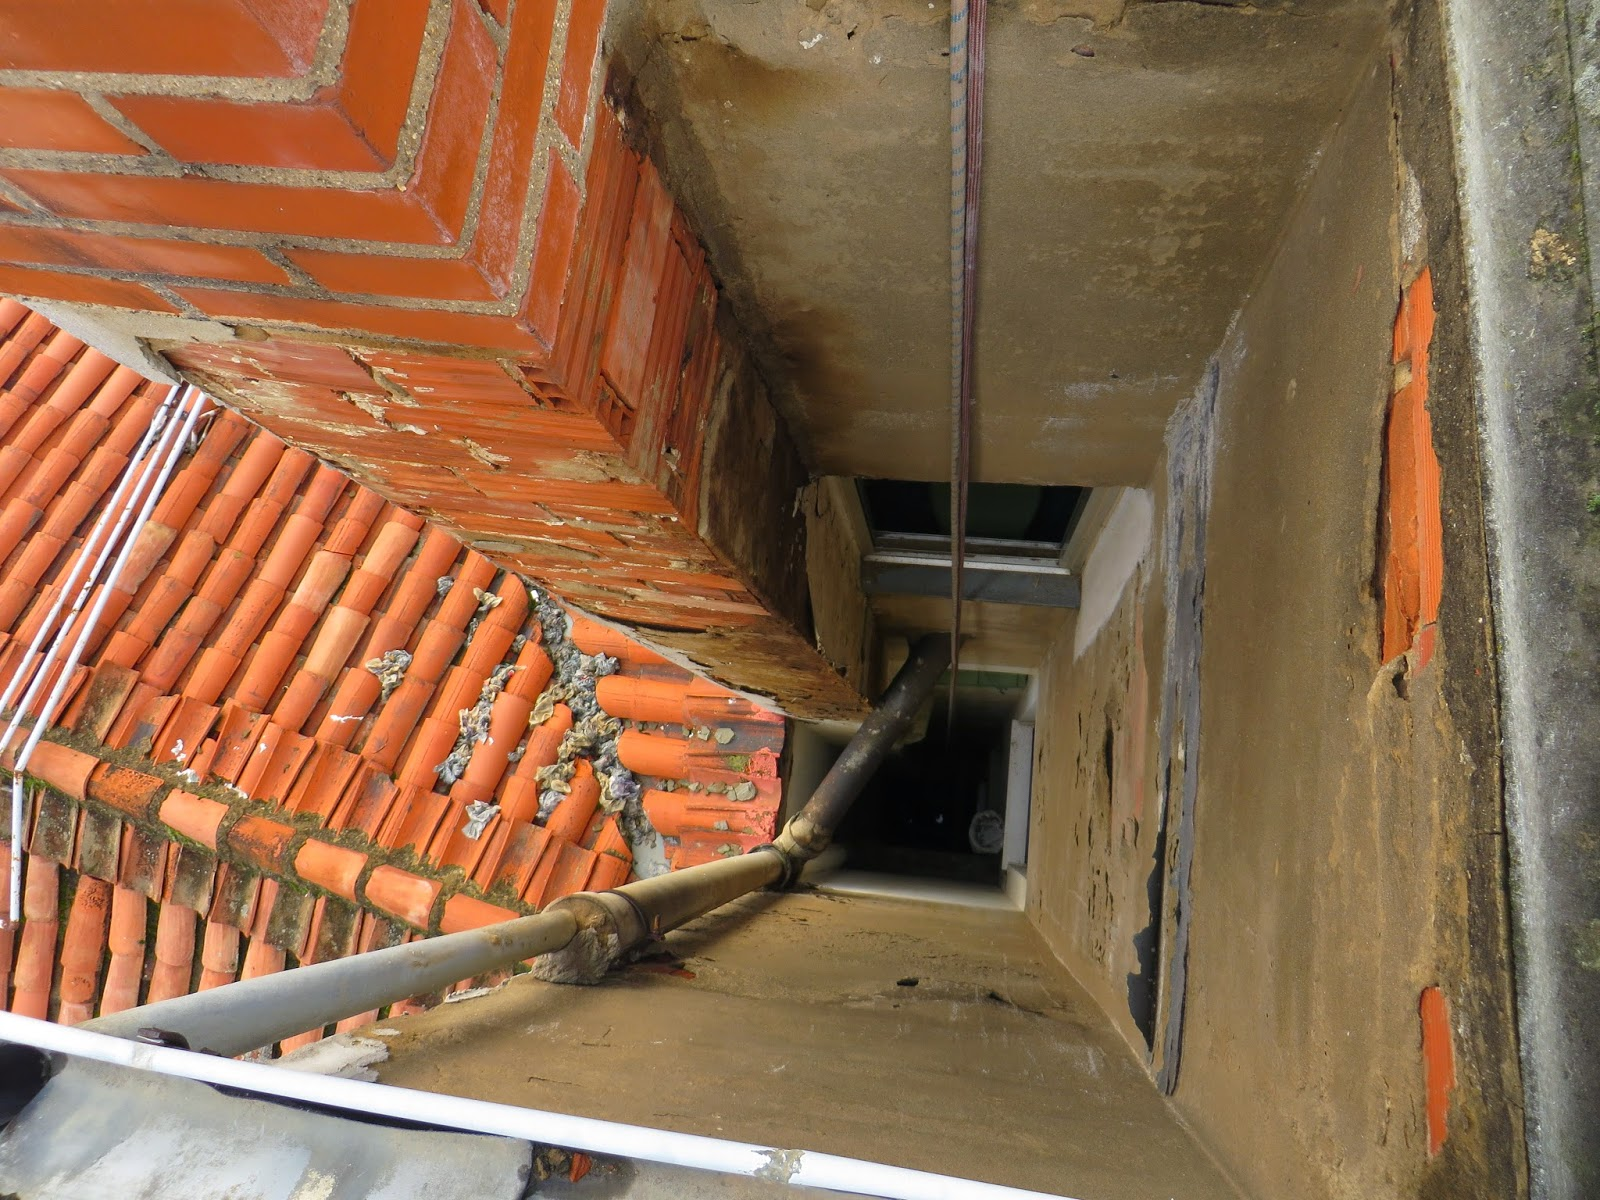 Pintura y Reabilitacion de Patios de Luces, Empresa en León. Empresa en León realiza todo tipo de raforamas y Pintura, Reabilitacion de Patios de Luces.Tlf 618848709 y 987846623.